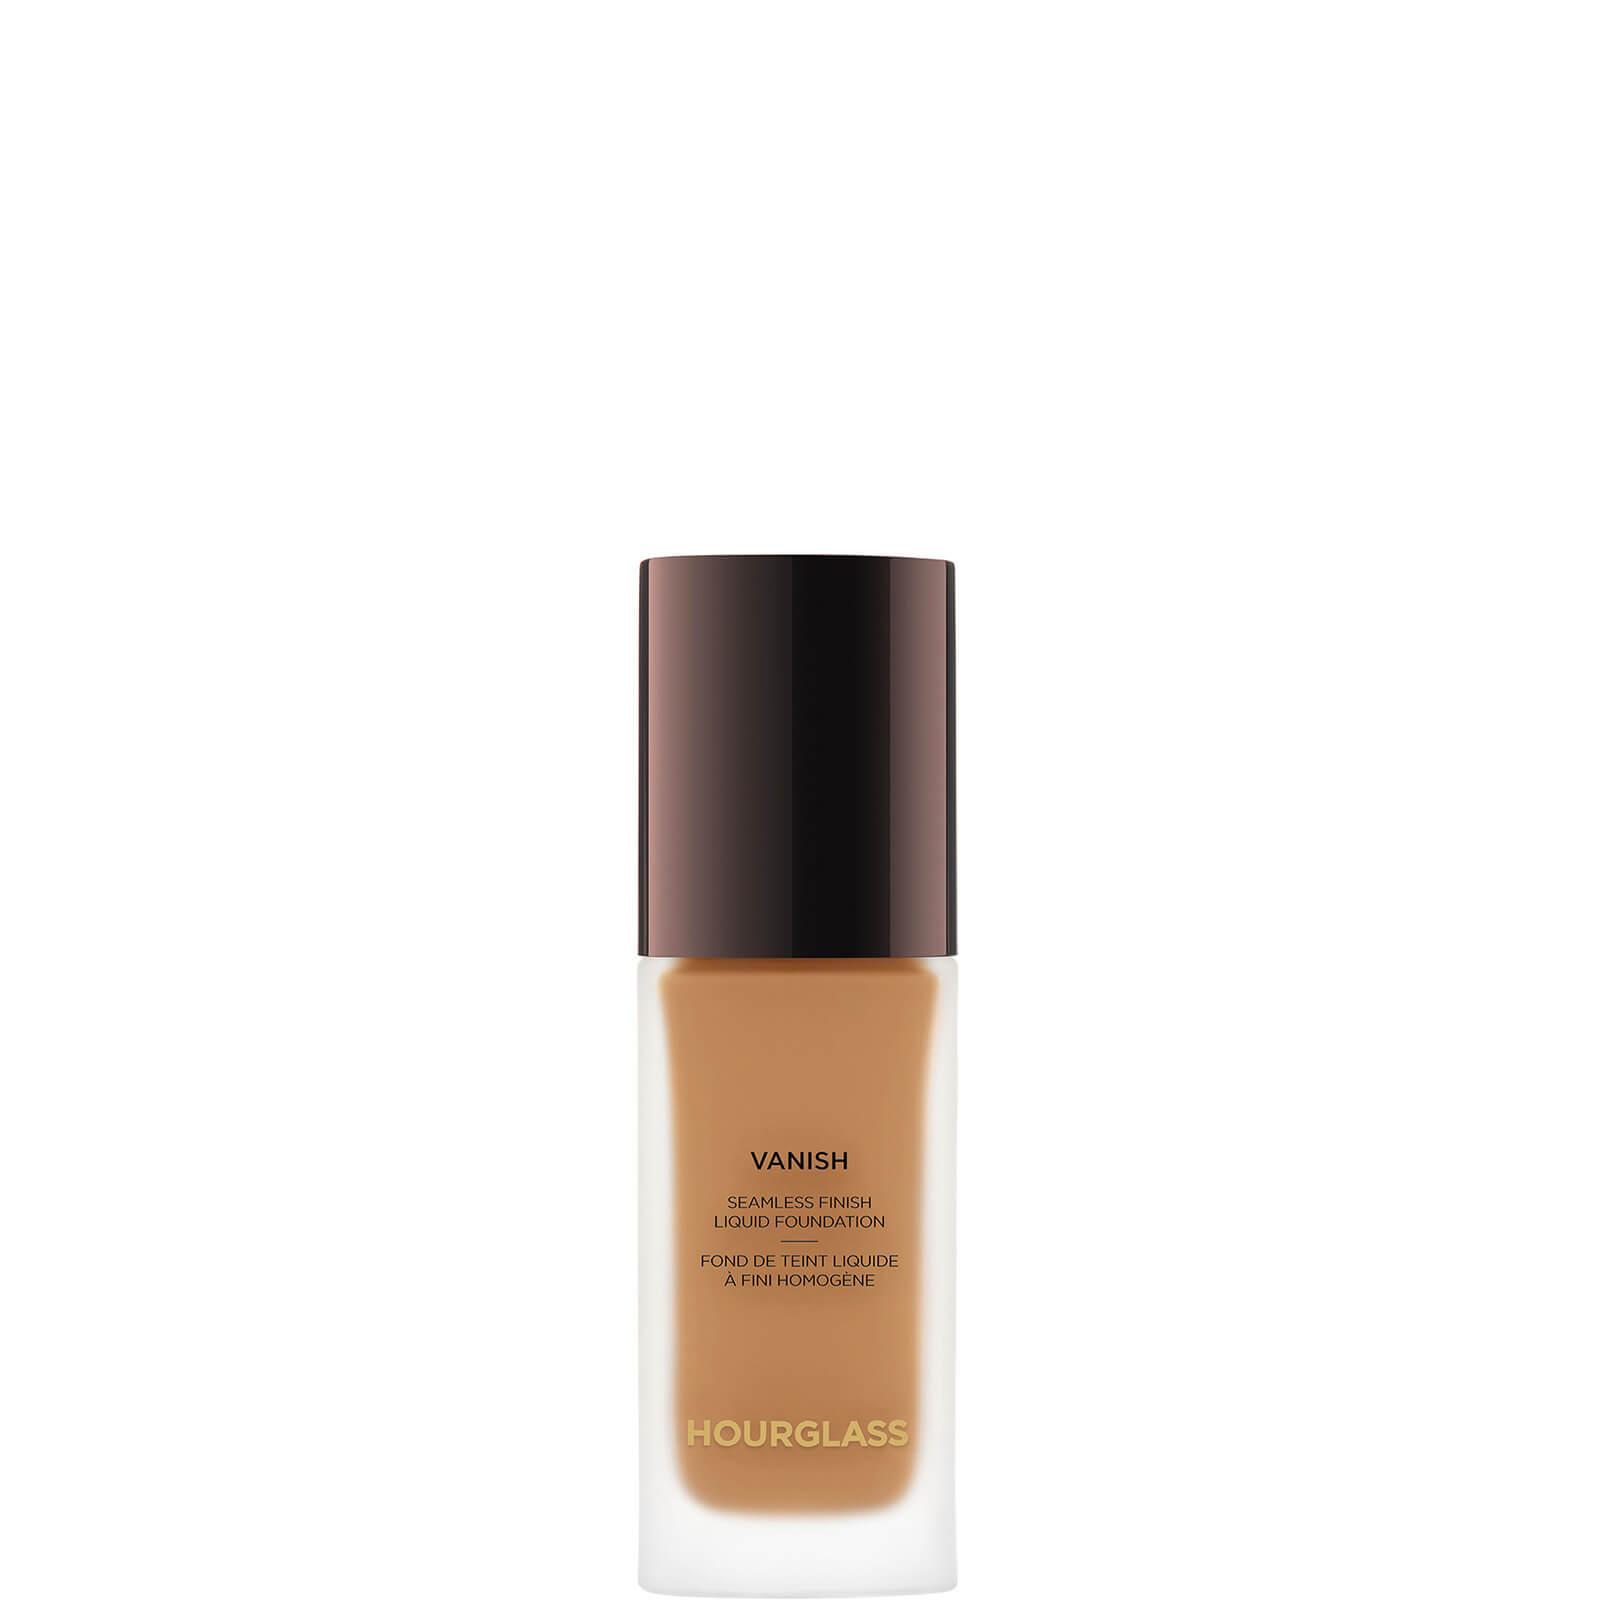 Hourglass Vanish Seamless Finish Liquid Foundation 25ml (Various Shades) - Honey